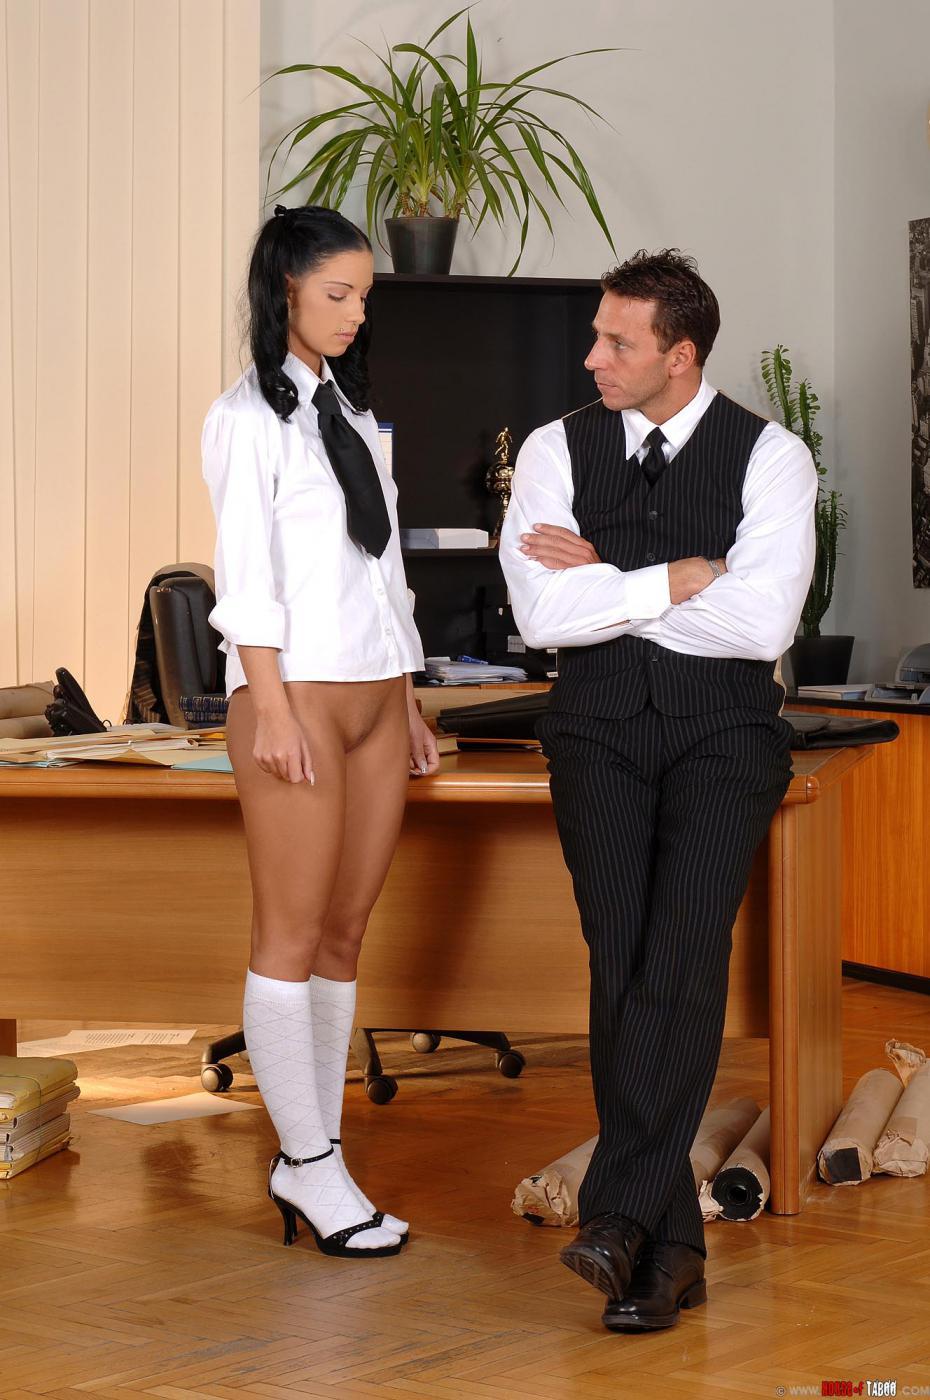 Magnificent phrase schoolgirl uniform fetish